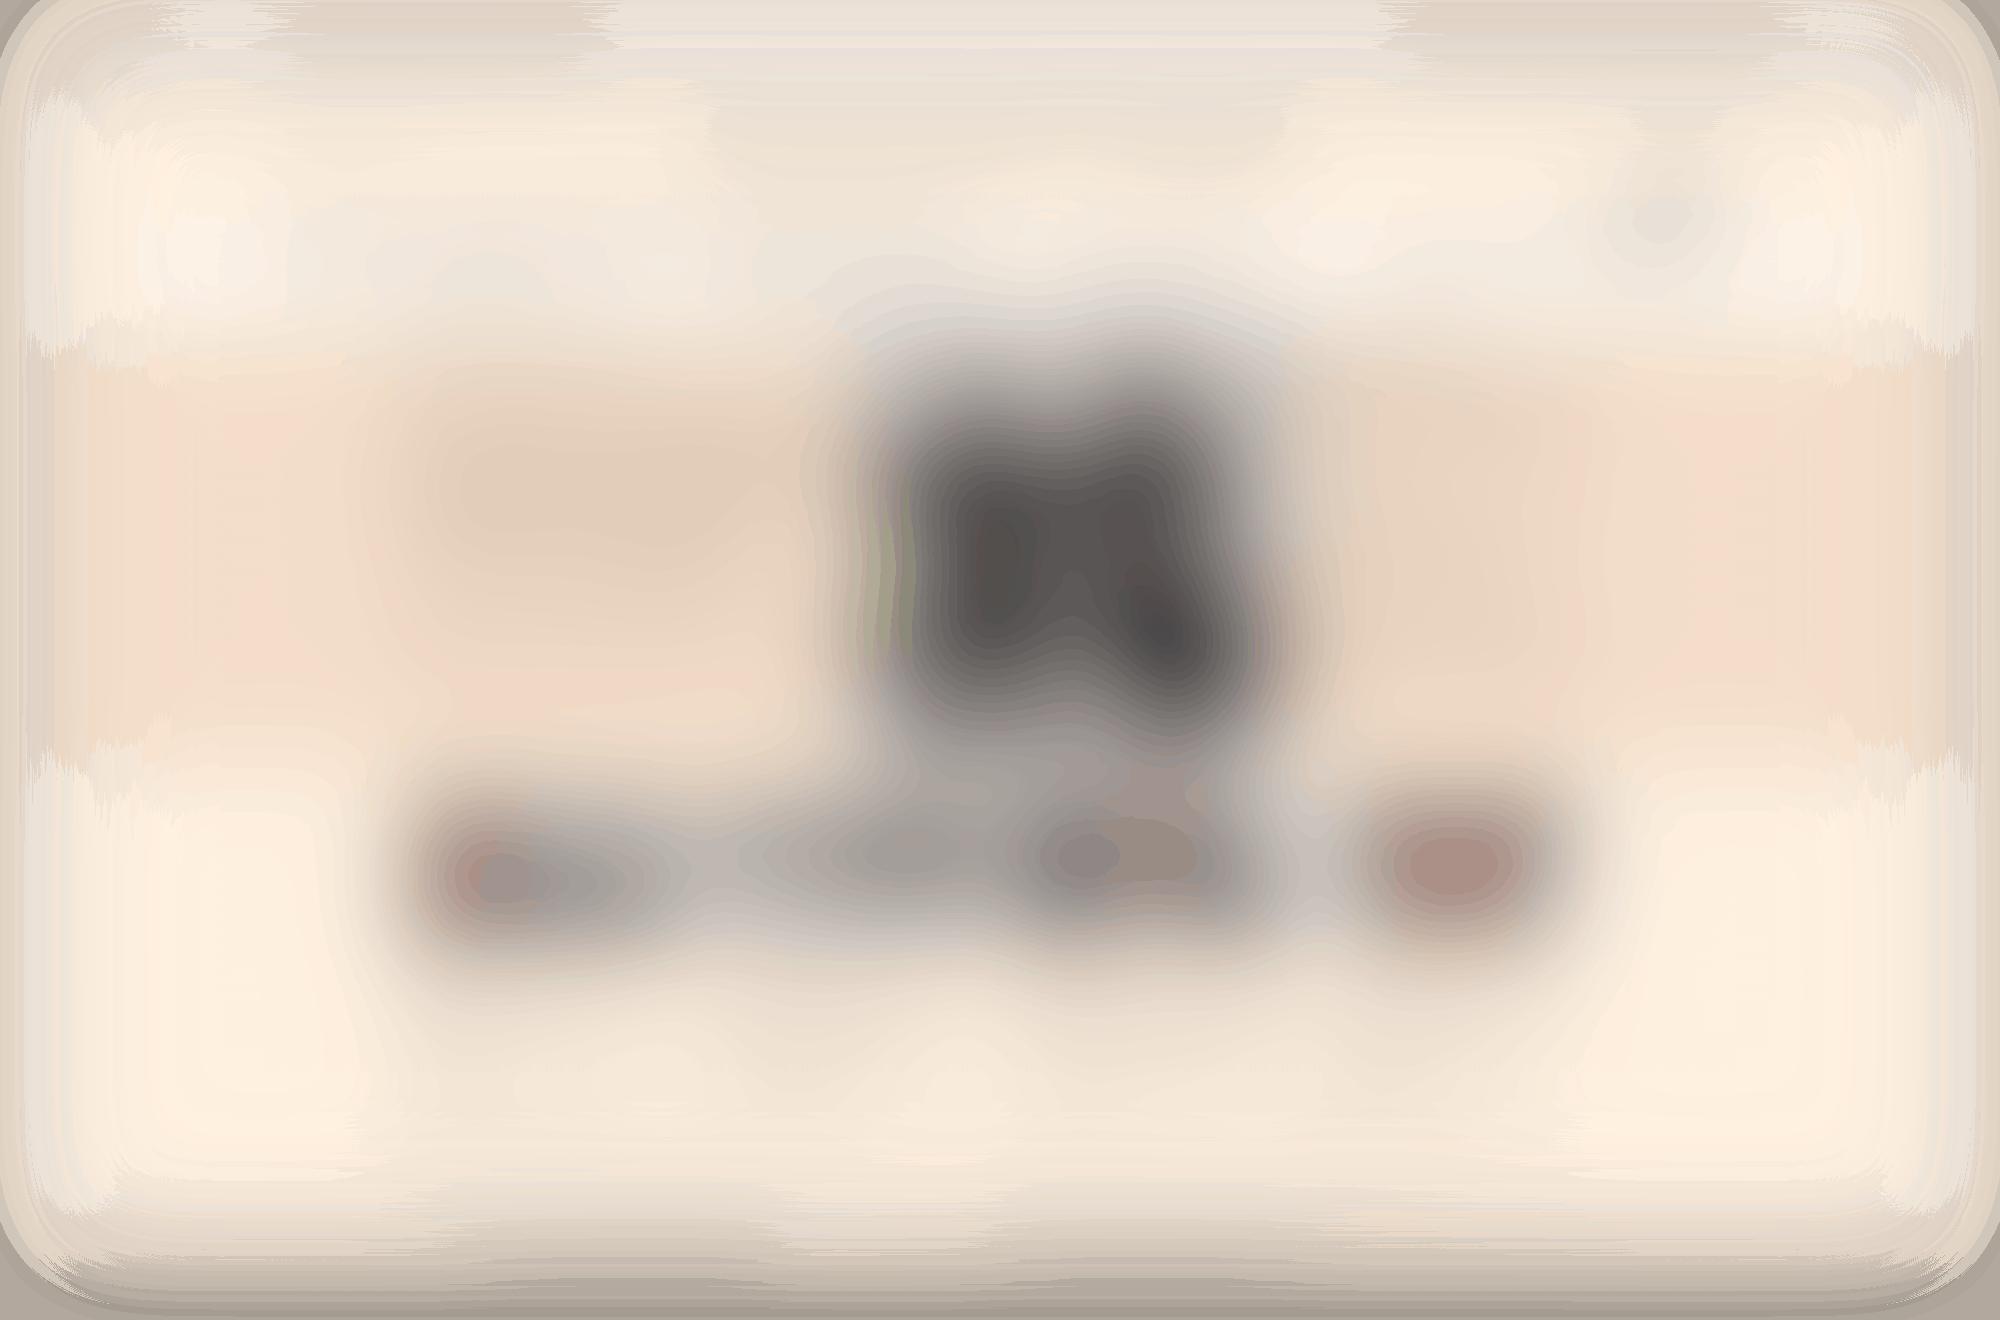 Screen Shot 2017 06 07 at 17 35 24 autocompressfitresizeixlibphp 1 1 0max h2000max w3 D2000q80sc6886fcb33df03f058d65f5a7563bc59